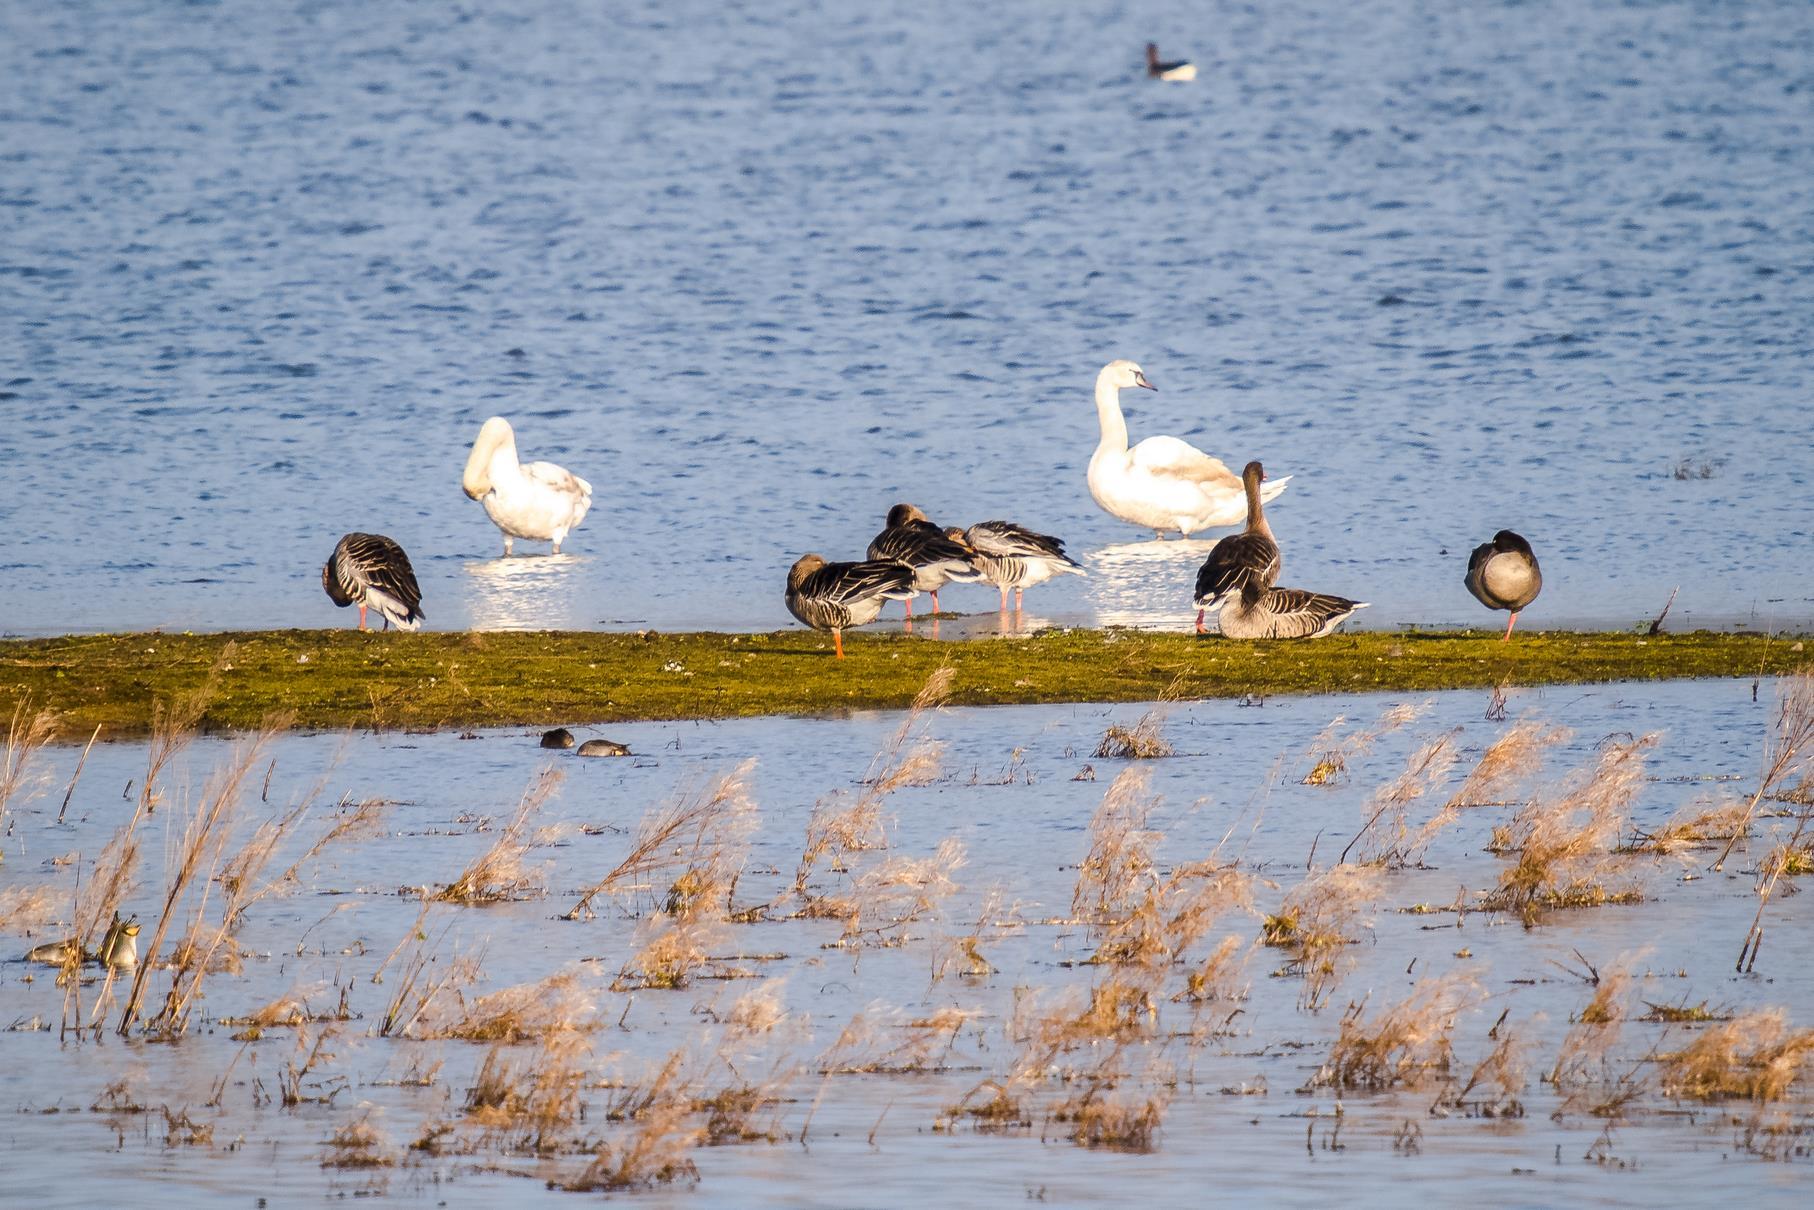 Graugänse und Höckerschwäne sitzen auf der größtenteils unter Wasser stehenden flachen Insel, welche sich vor der Vogelinsel befindet.